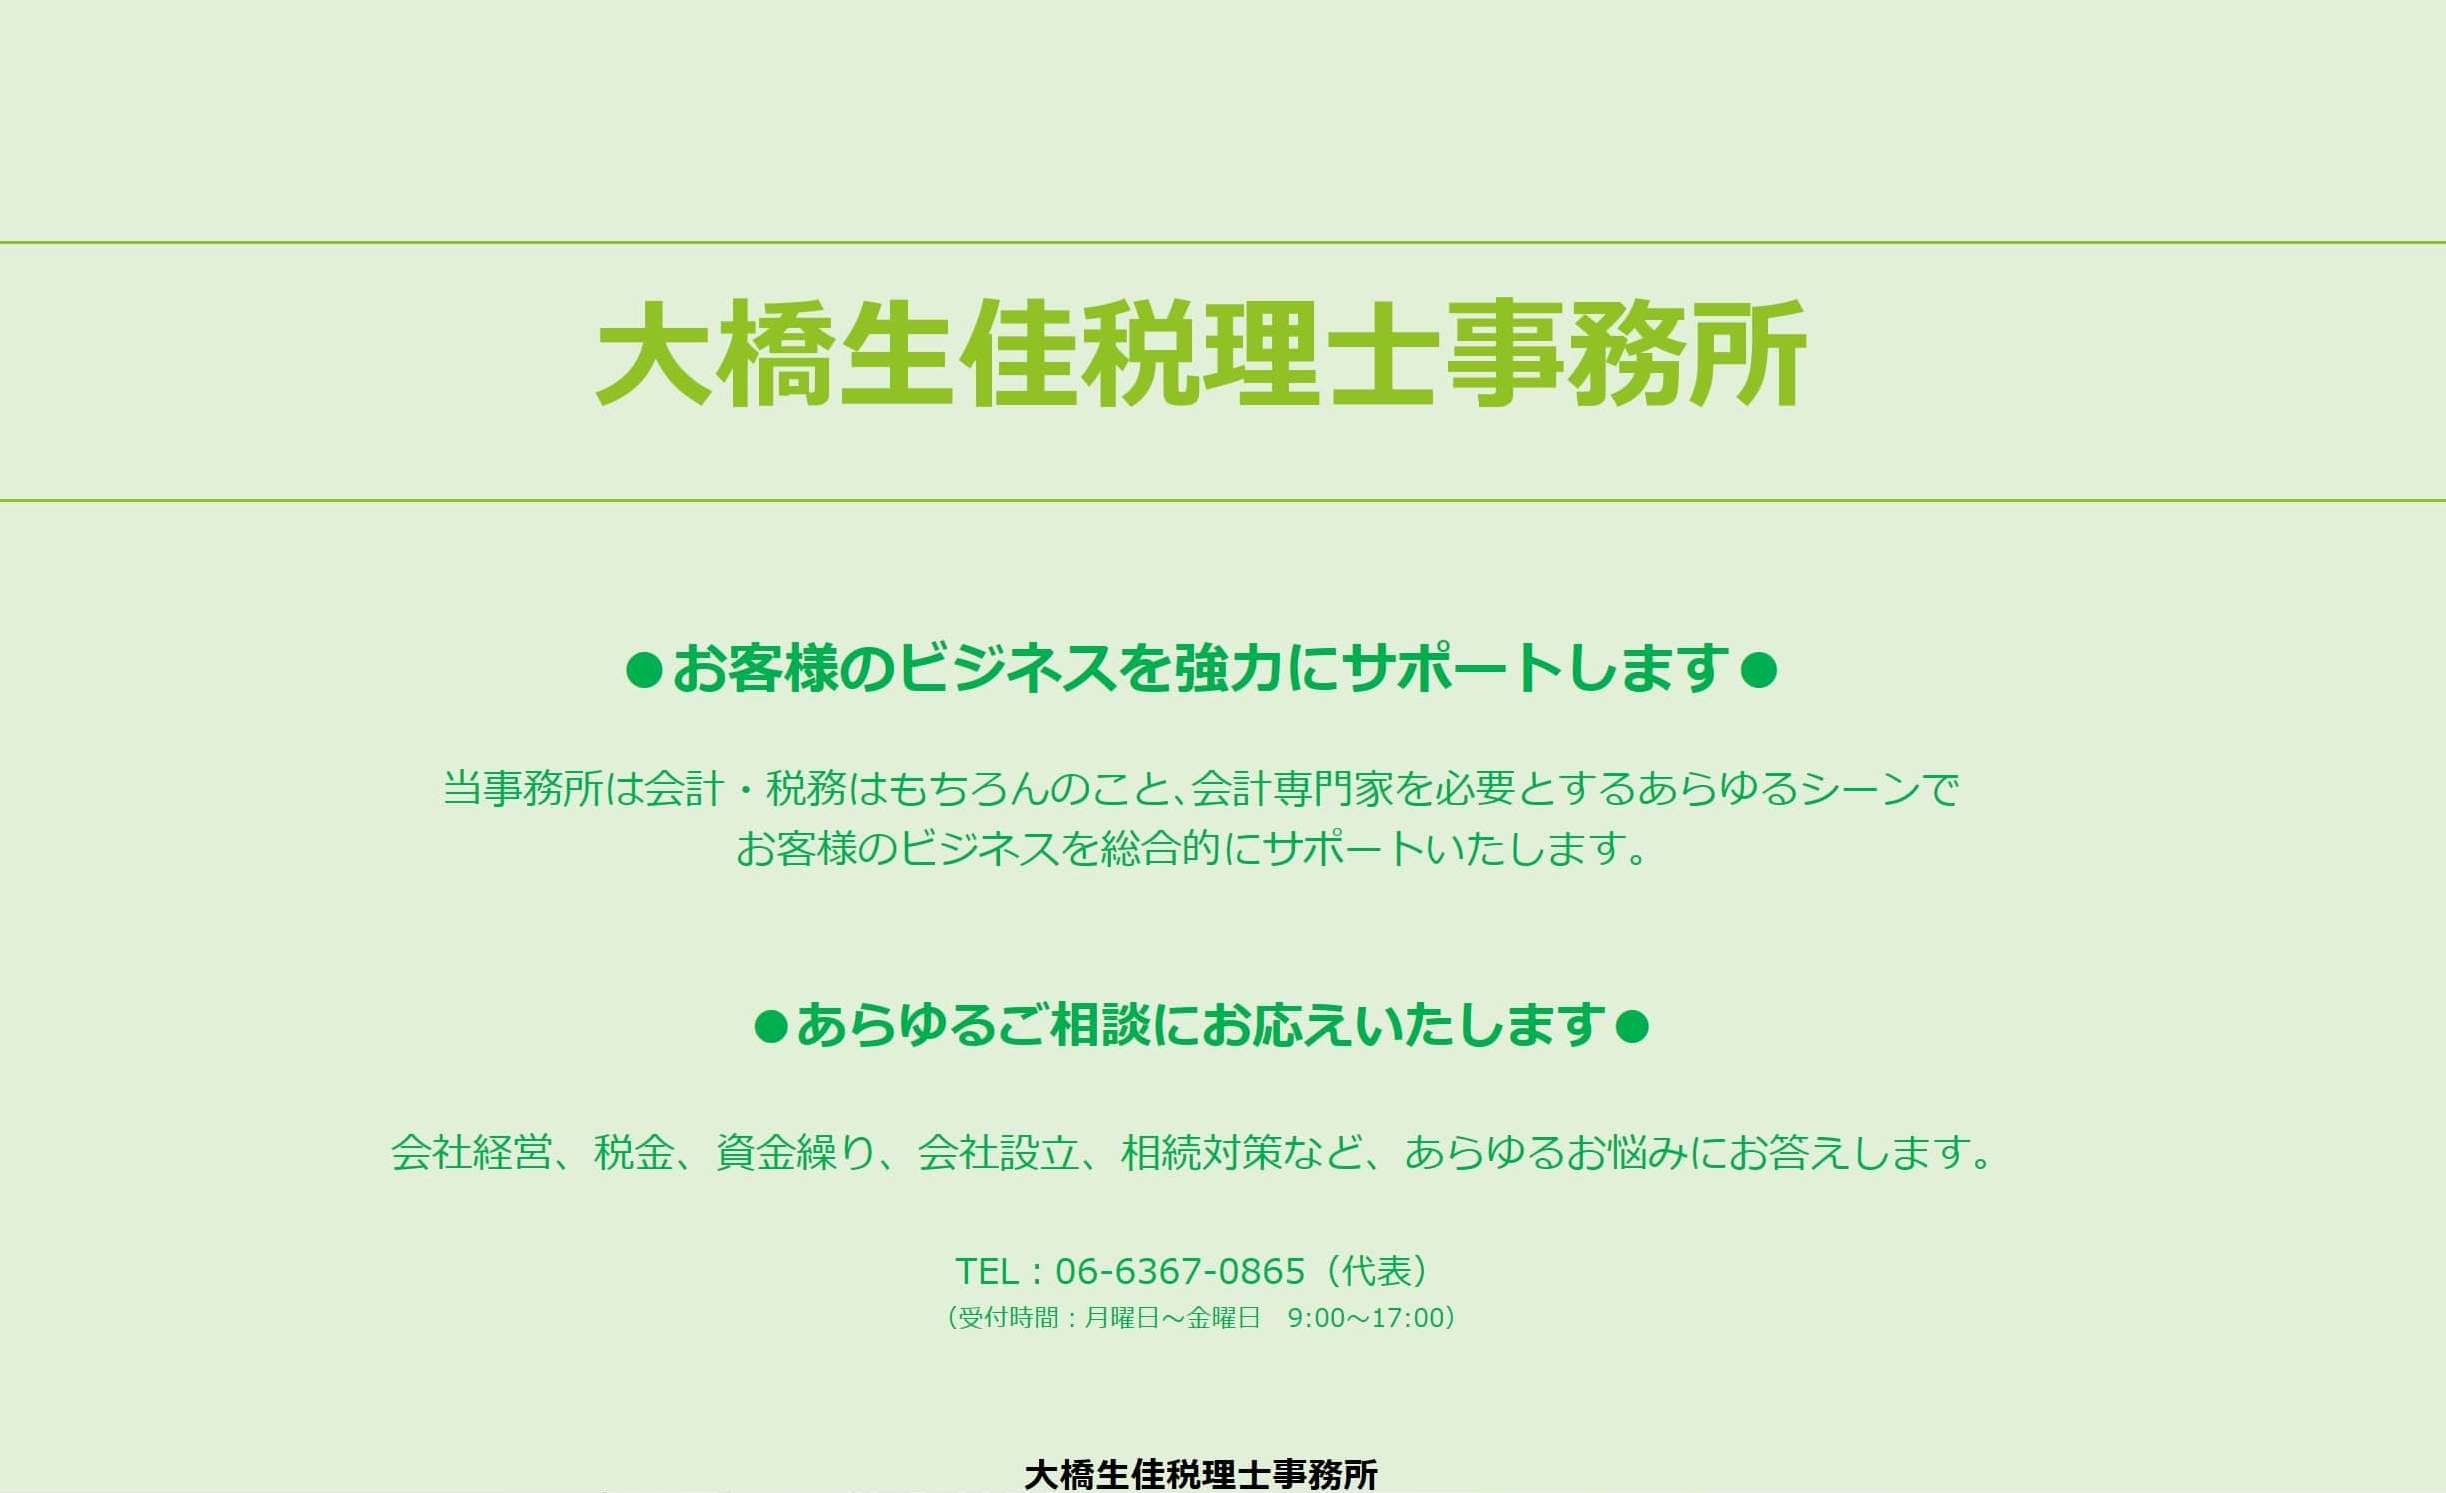 大橋生佳税理士事務所